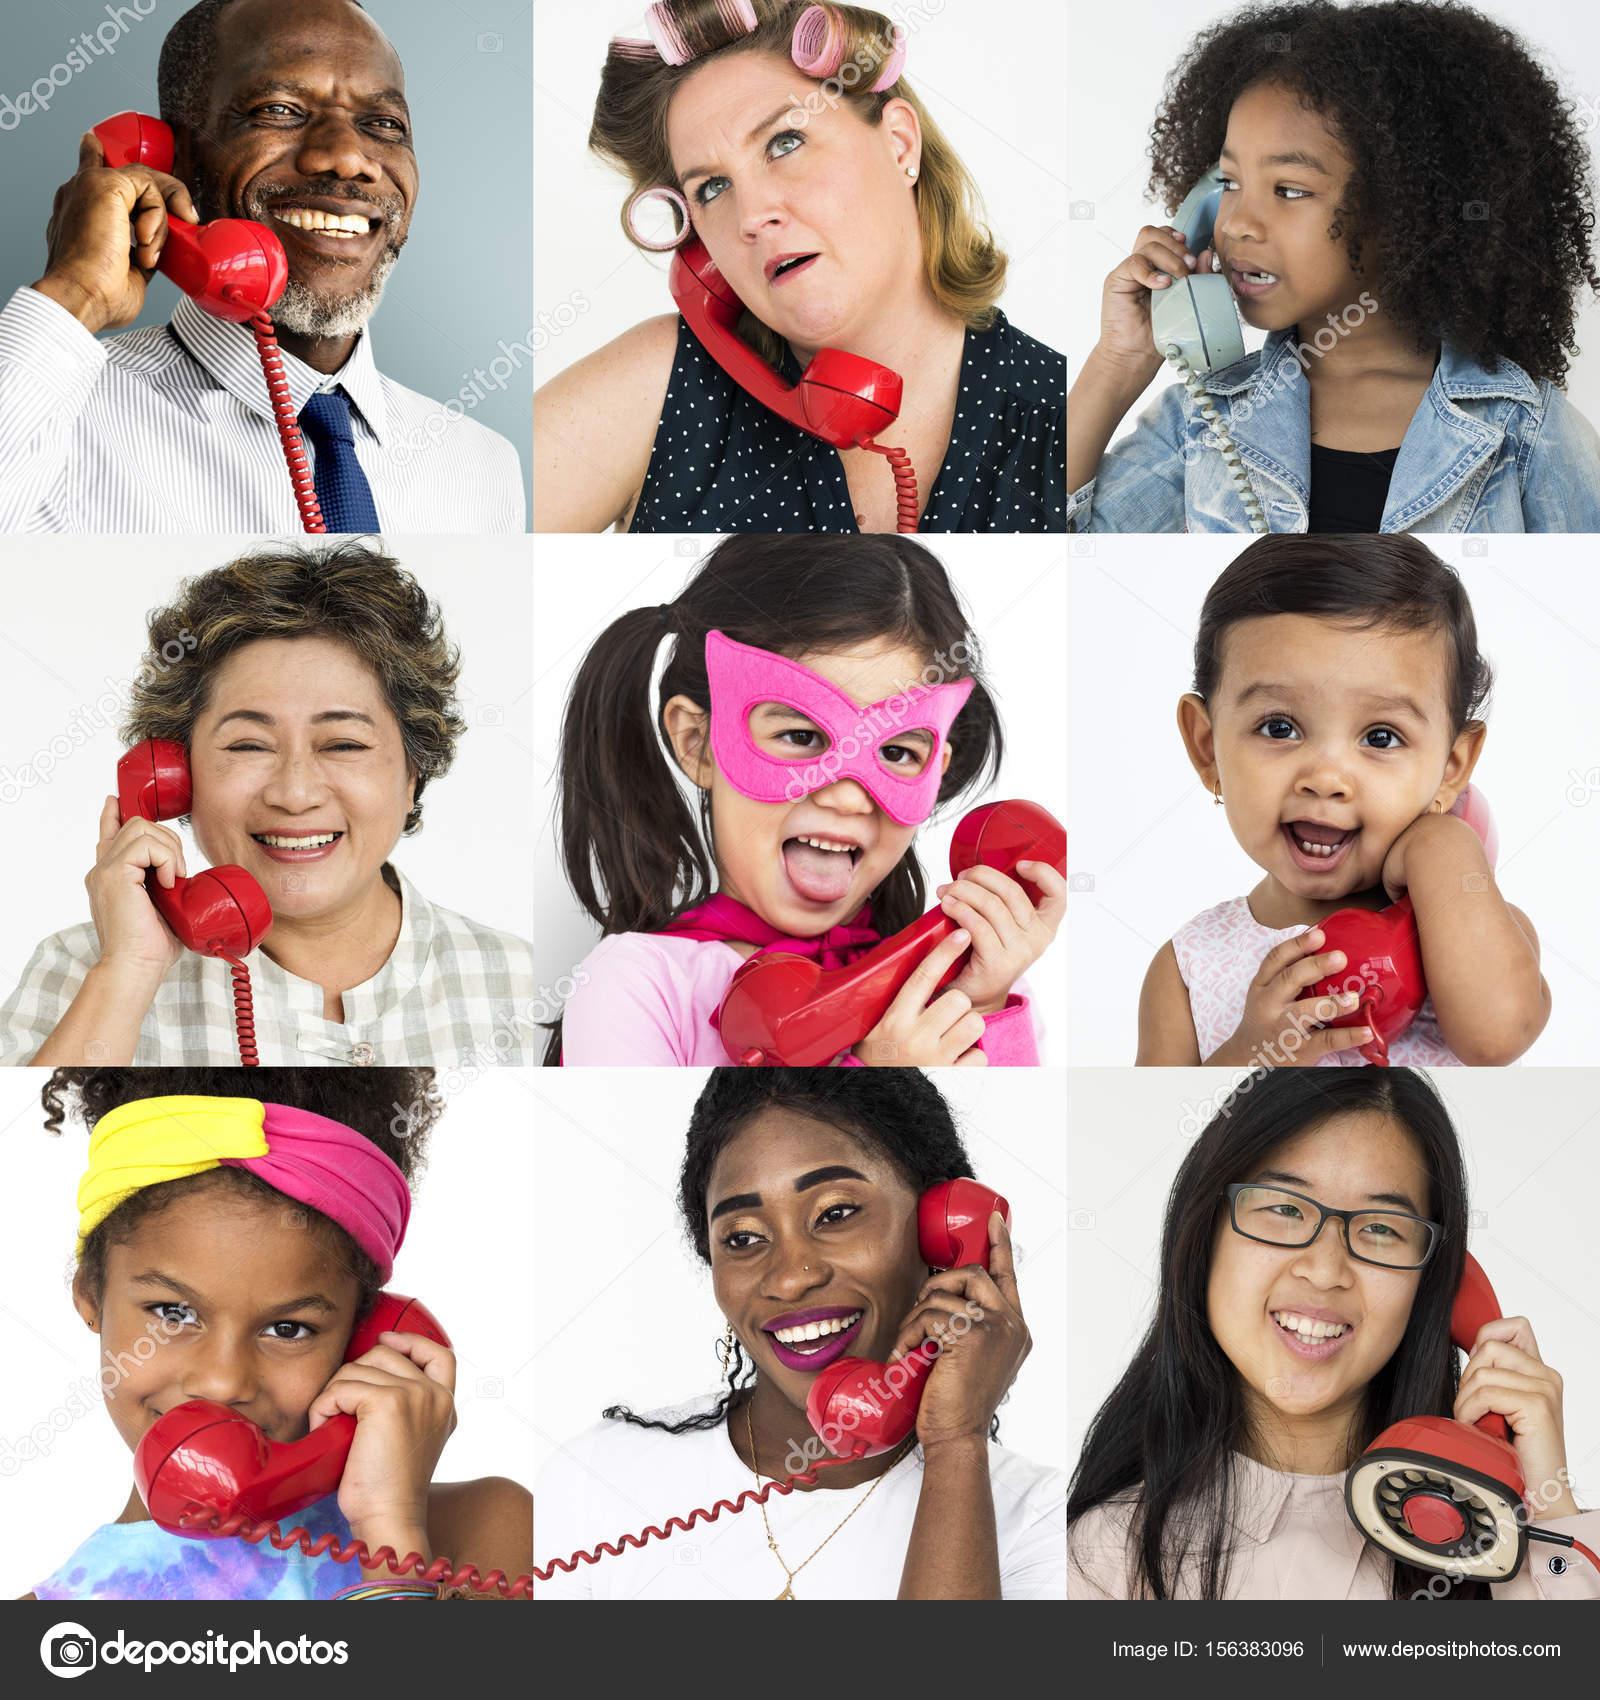 Olika Personer Använder Telefon Stockfotografi Rawpixel 156383096